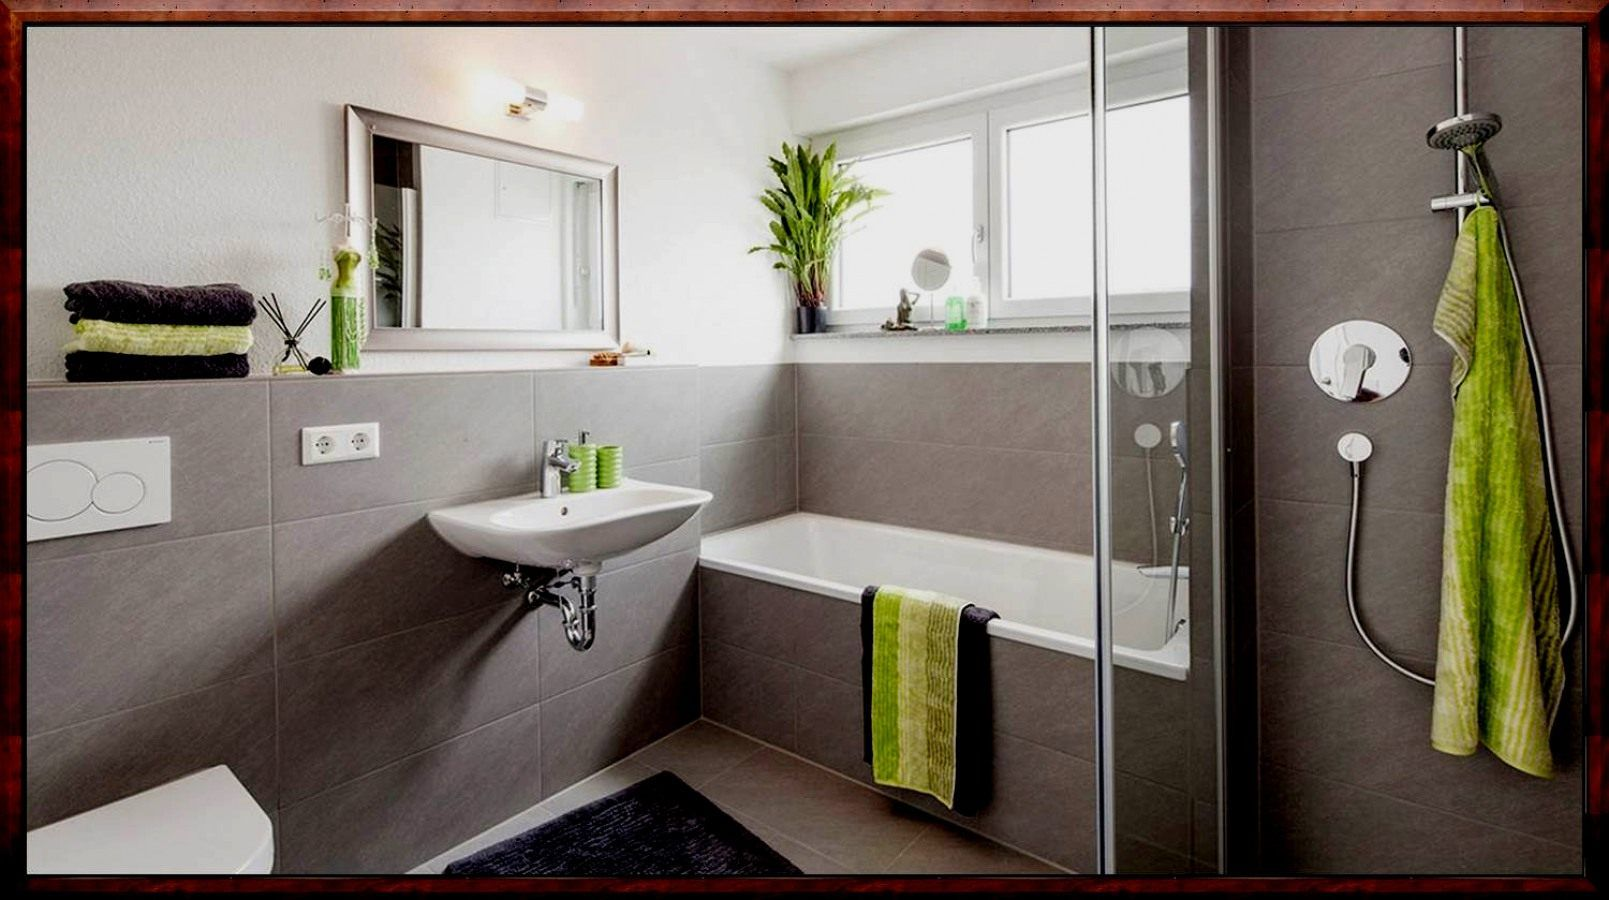 Badezimmer Neu Verfliesen Kosten Mit Bildern Badezimmer Streichen Badezimmer Farben Badezimmer Anthrazit